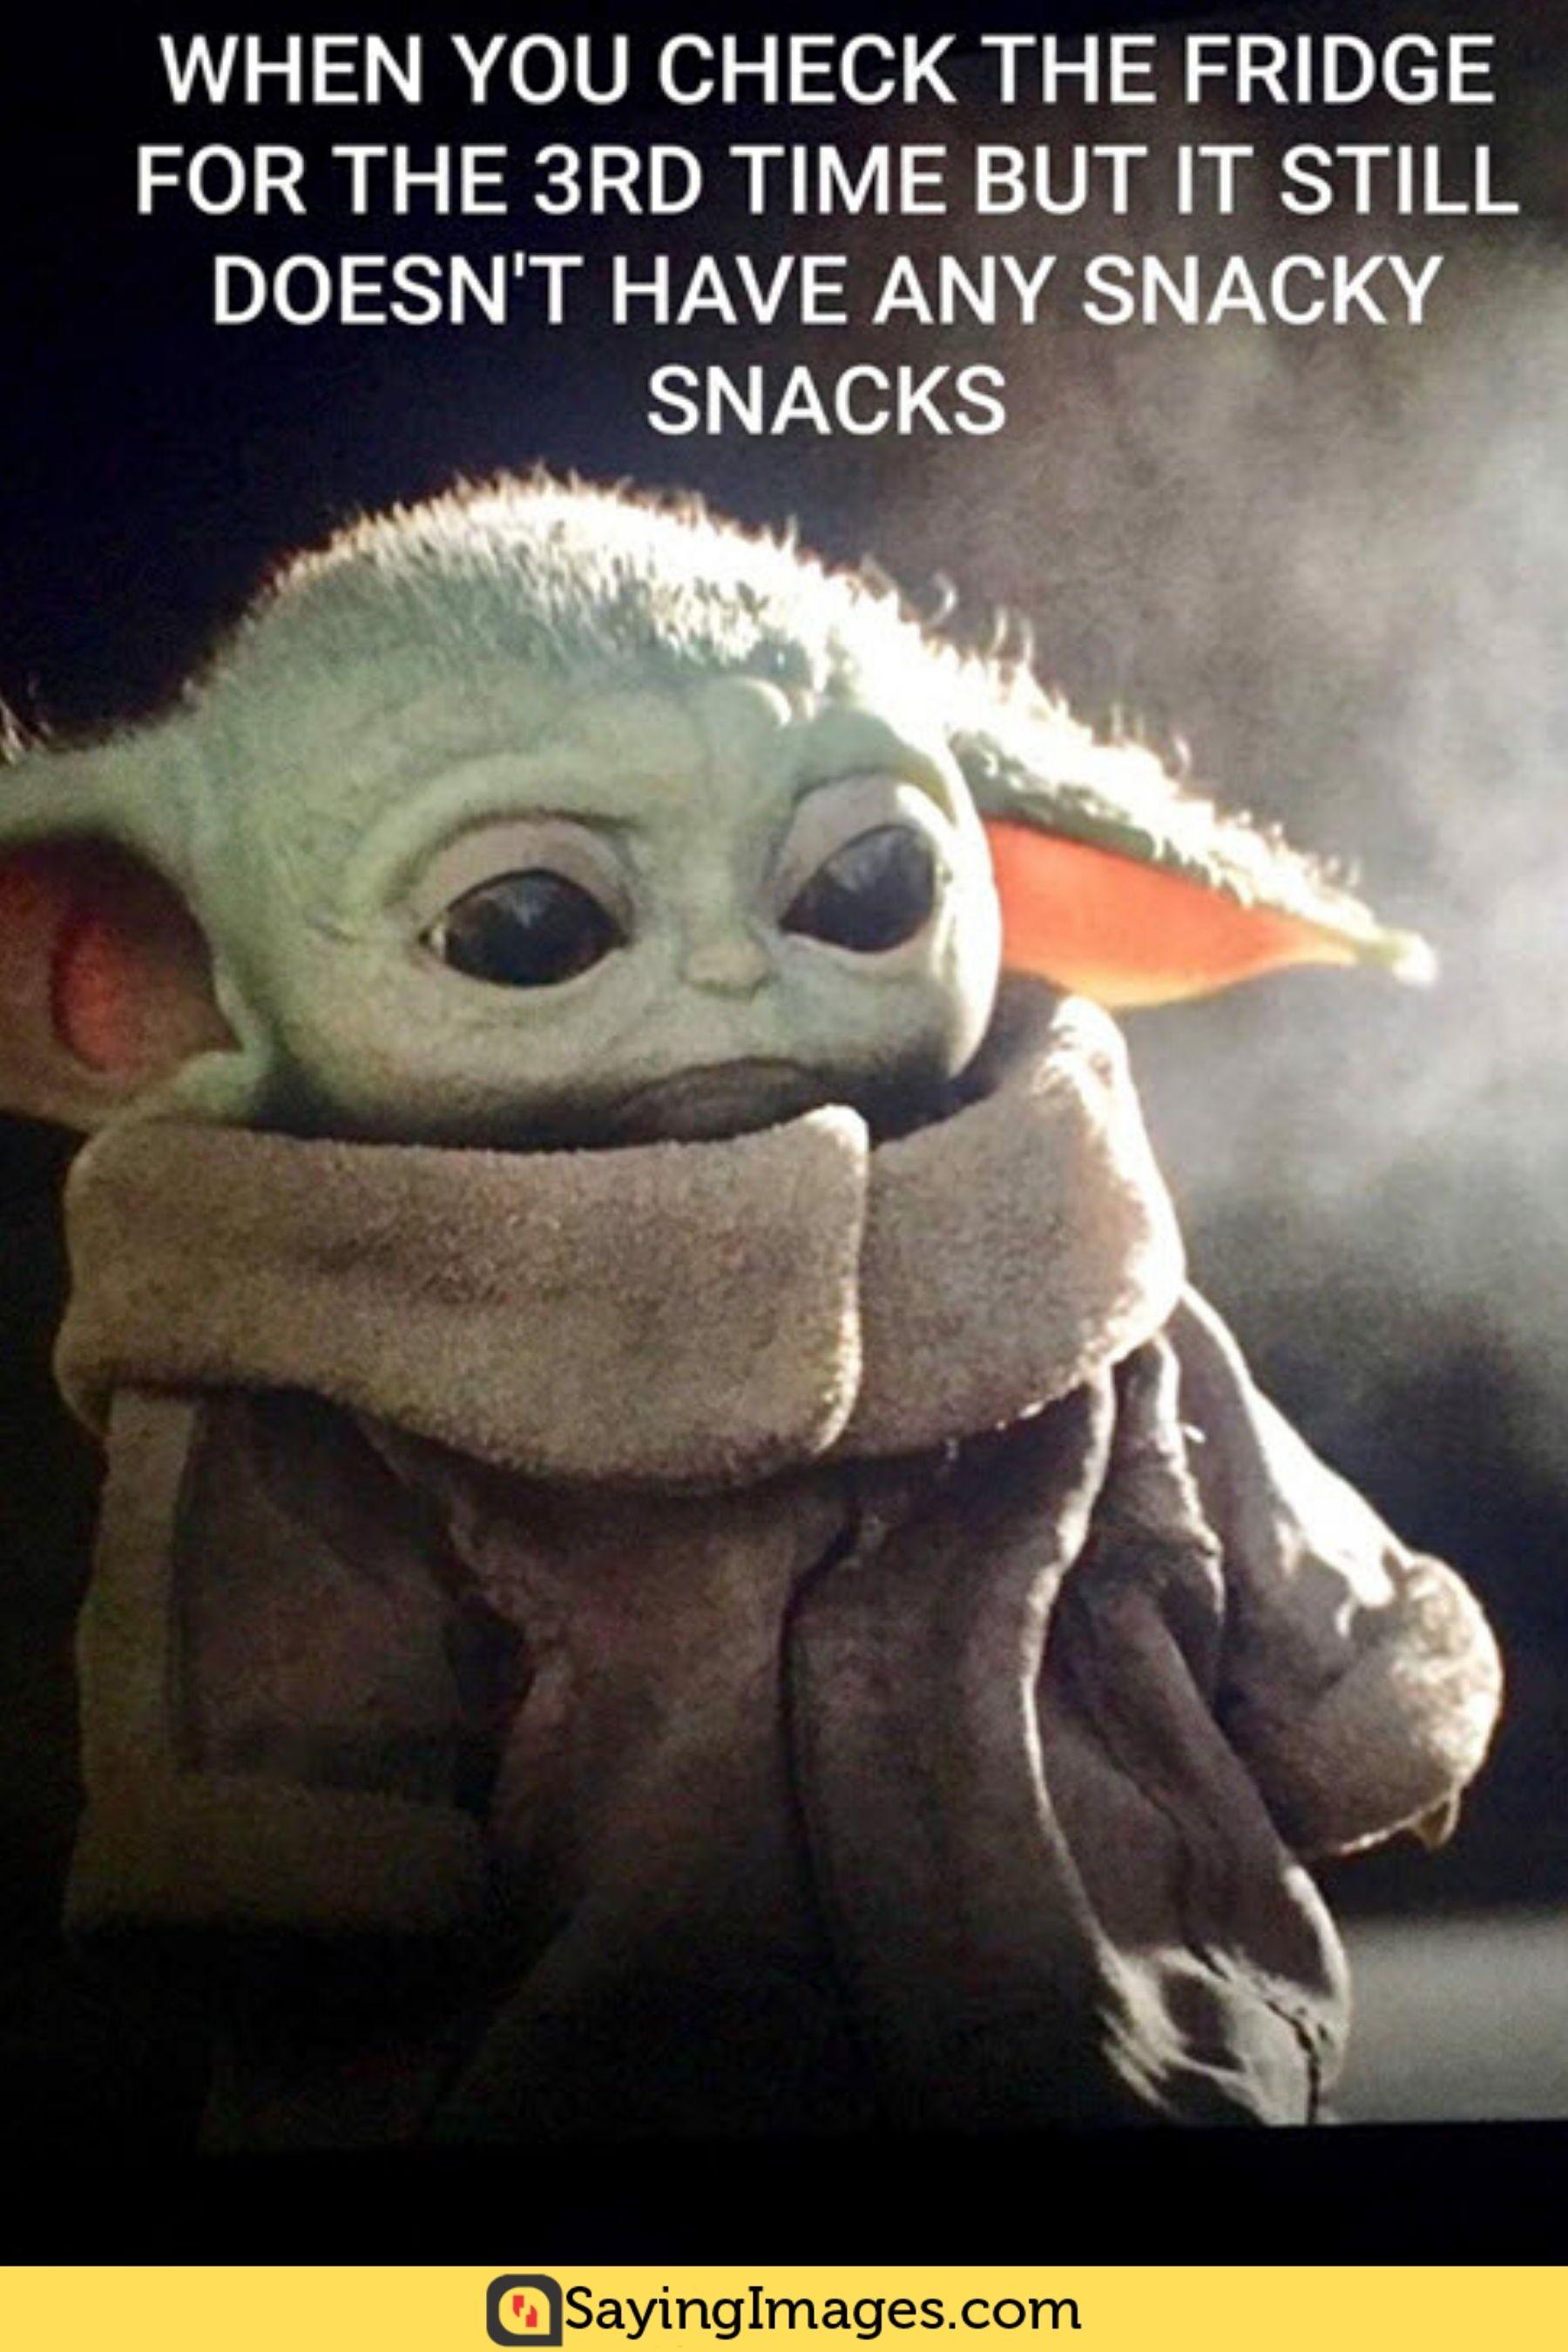 25 Super Adorable Baby Yoda Memes in 2020 Yoda meme